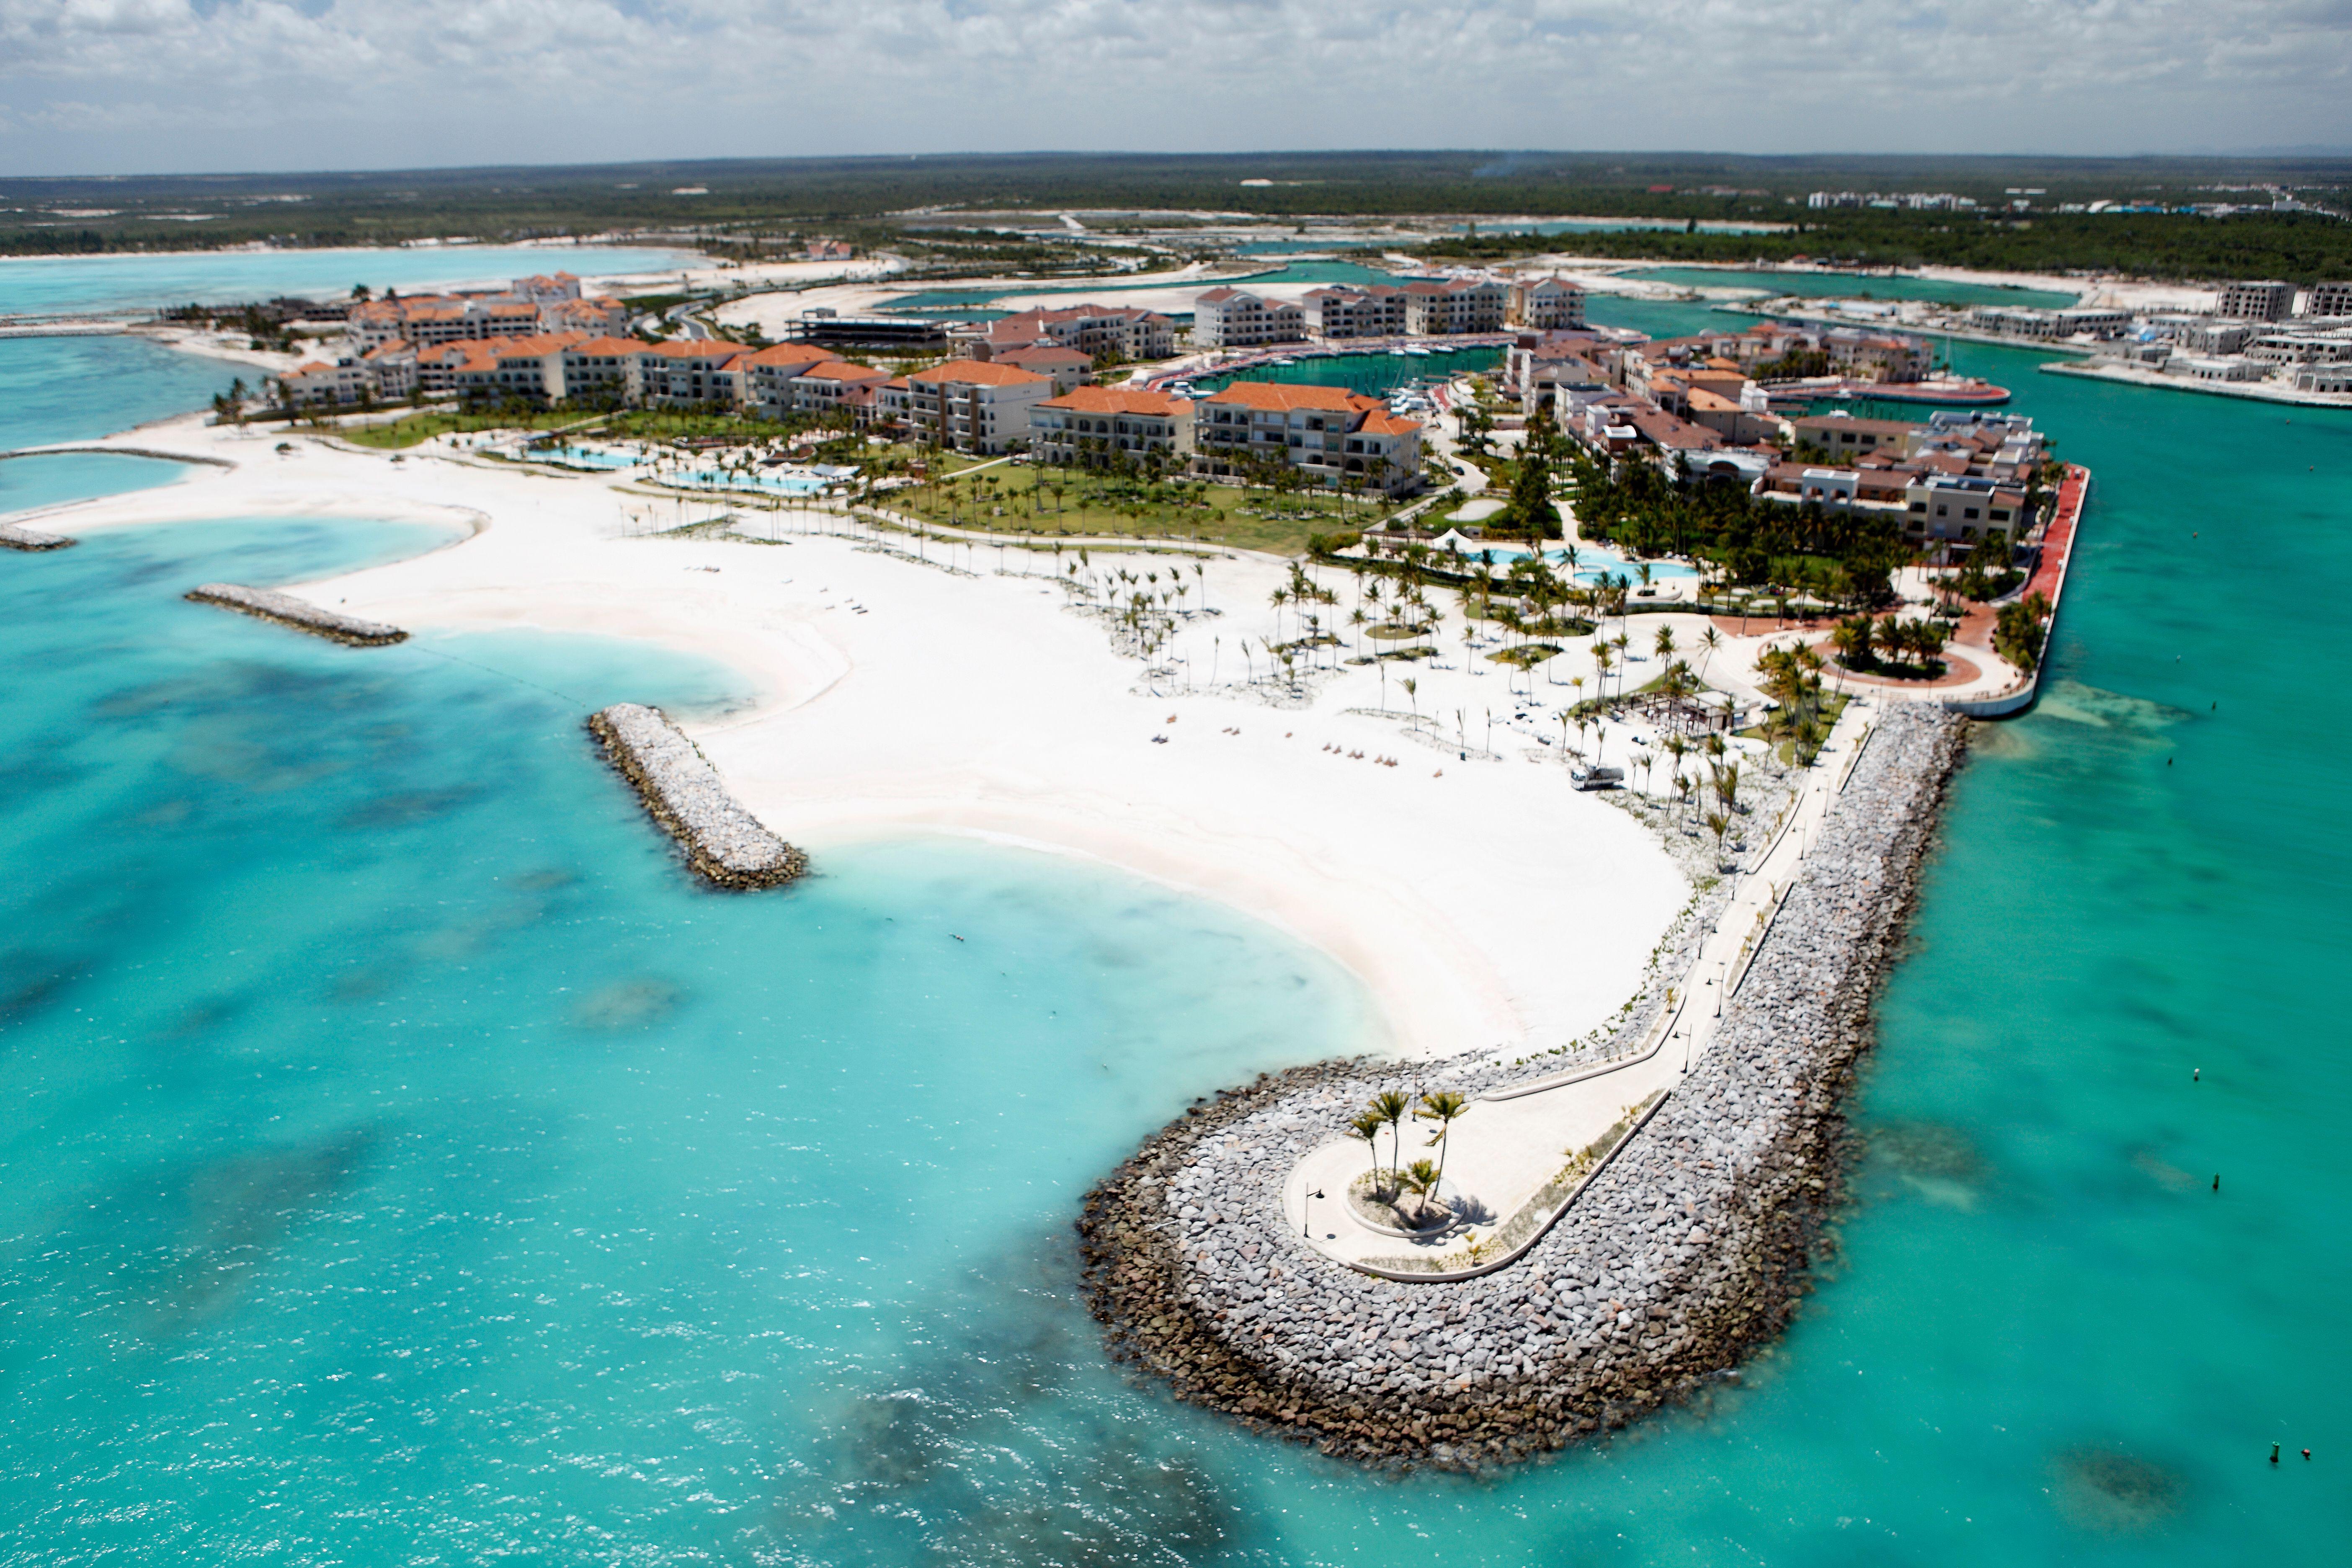 Cap Cana resort, Punta Cana, Dominican Republic.